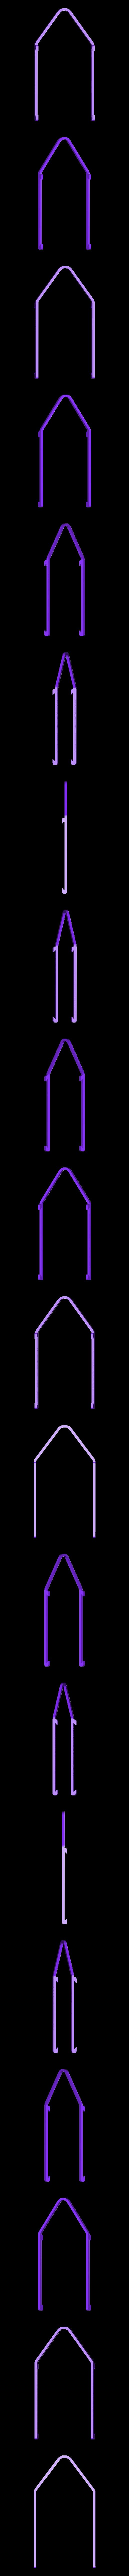 label_holder.STL Download free STL file Cargo hook for Parrot Rolling Spider • 3D printer design, daGHIZmo